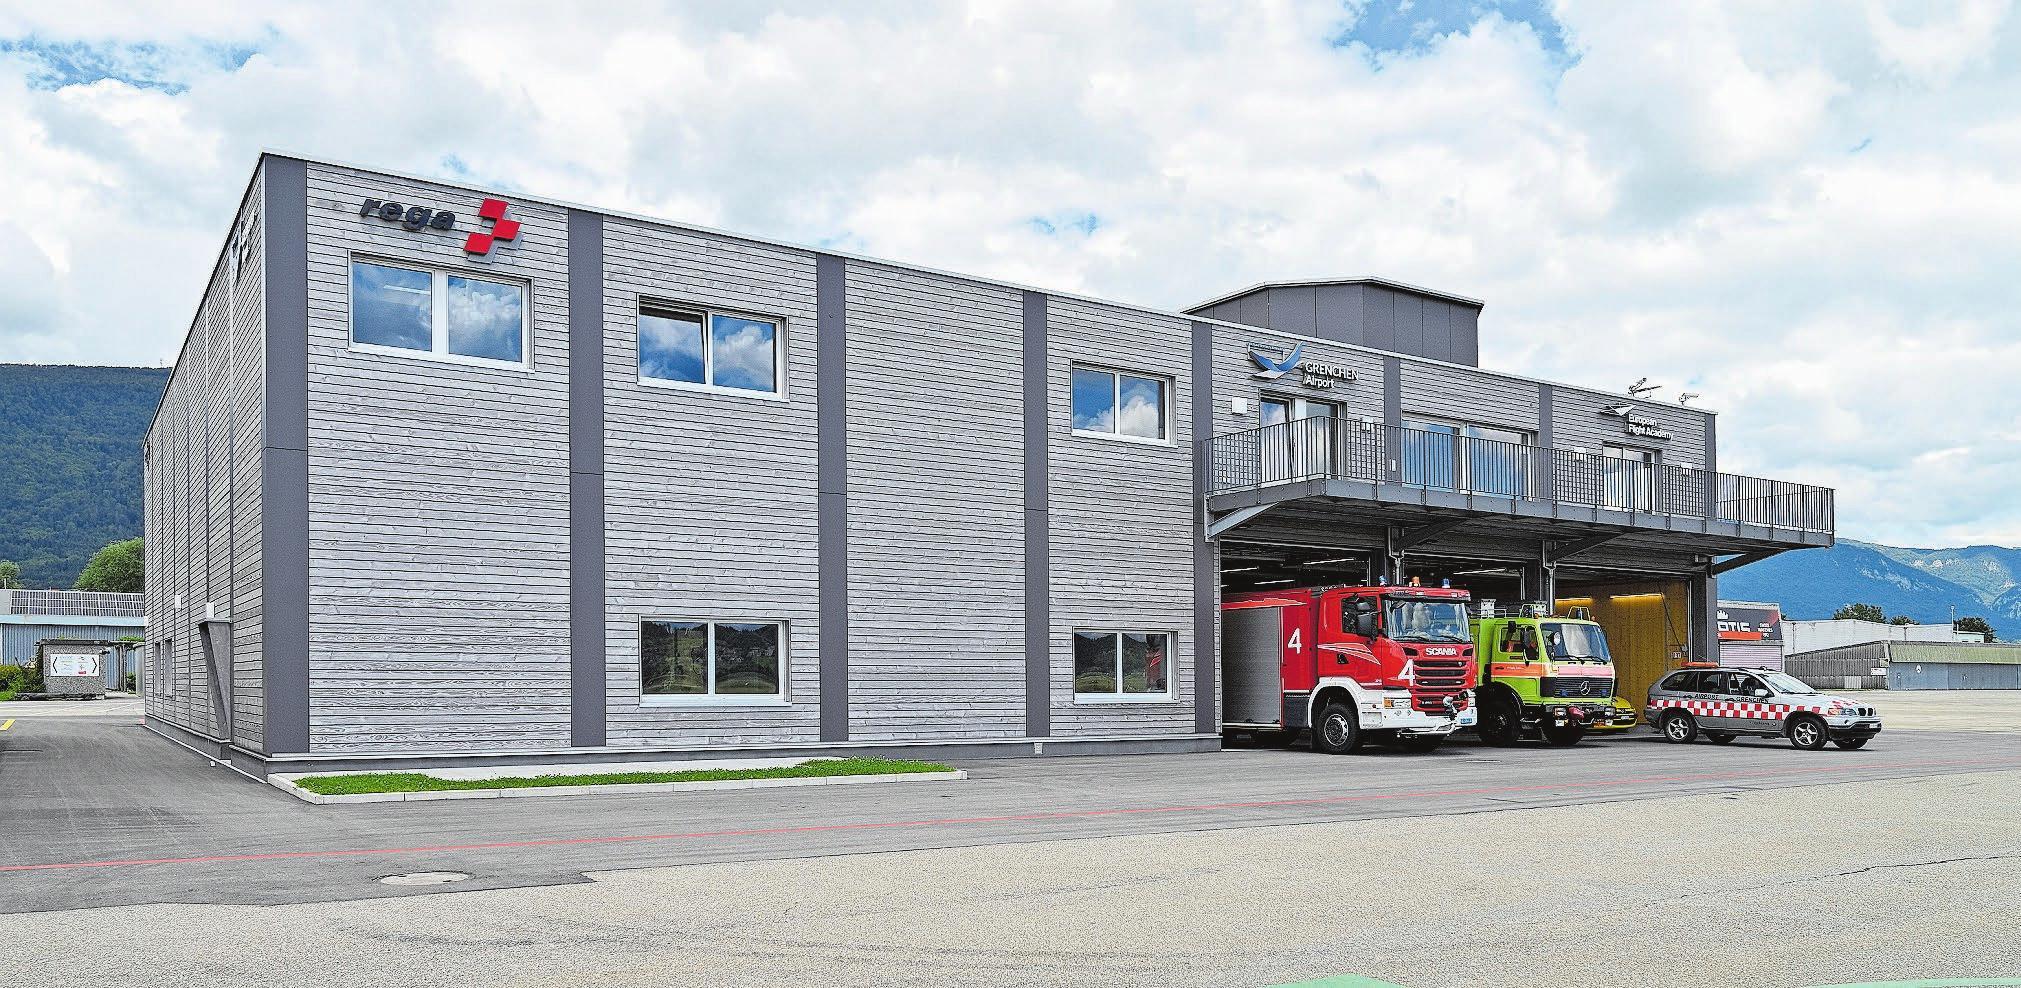 Der neue Werkhof mit Betriebsfeuerwehr, Werkstatt, dem neuen Hangar der Rega sowie Schulungs- und Sitzungsräumen. Bilder: Oliver Menge